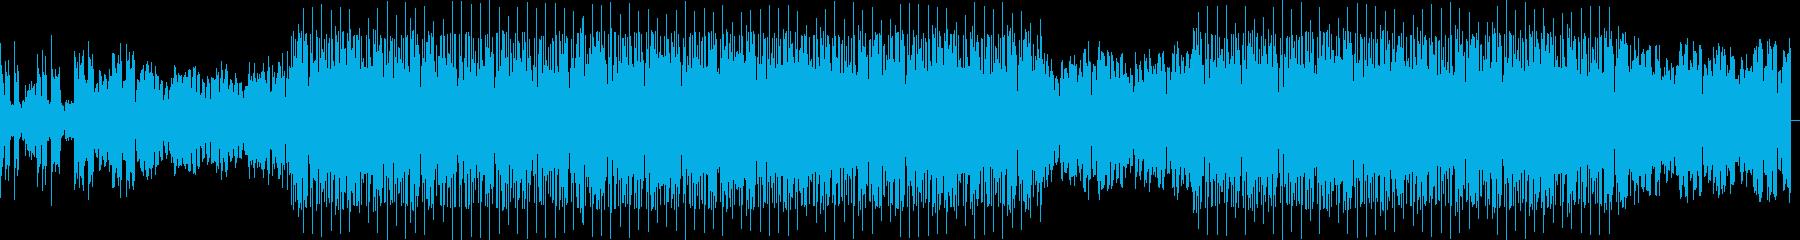 bpm092 ボコーダーEDMエレクトロの再生済みの波形